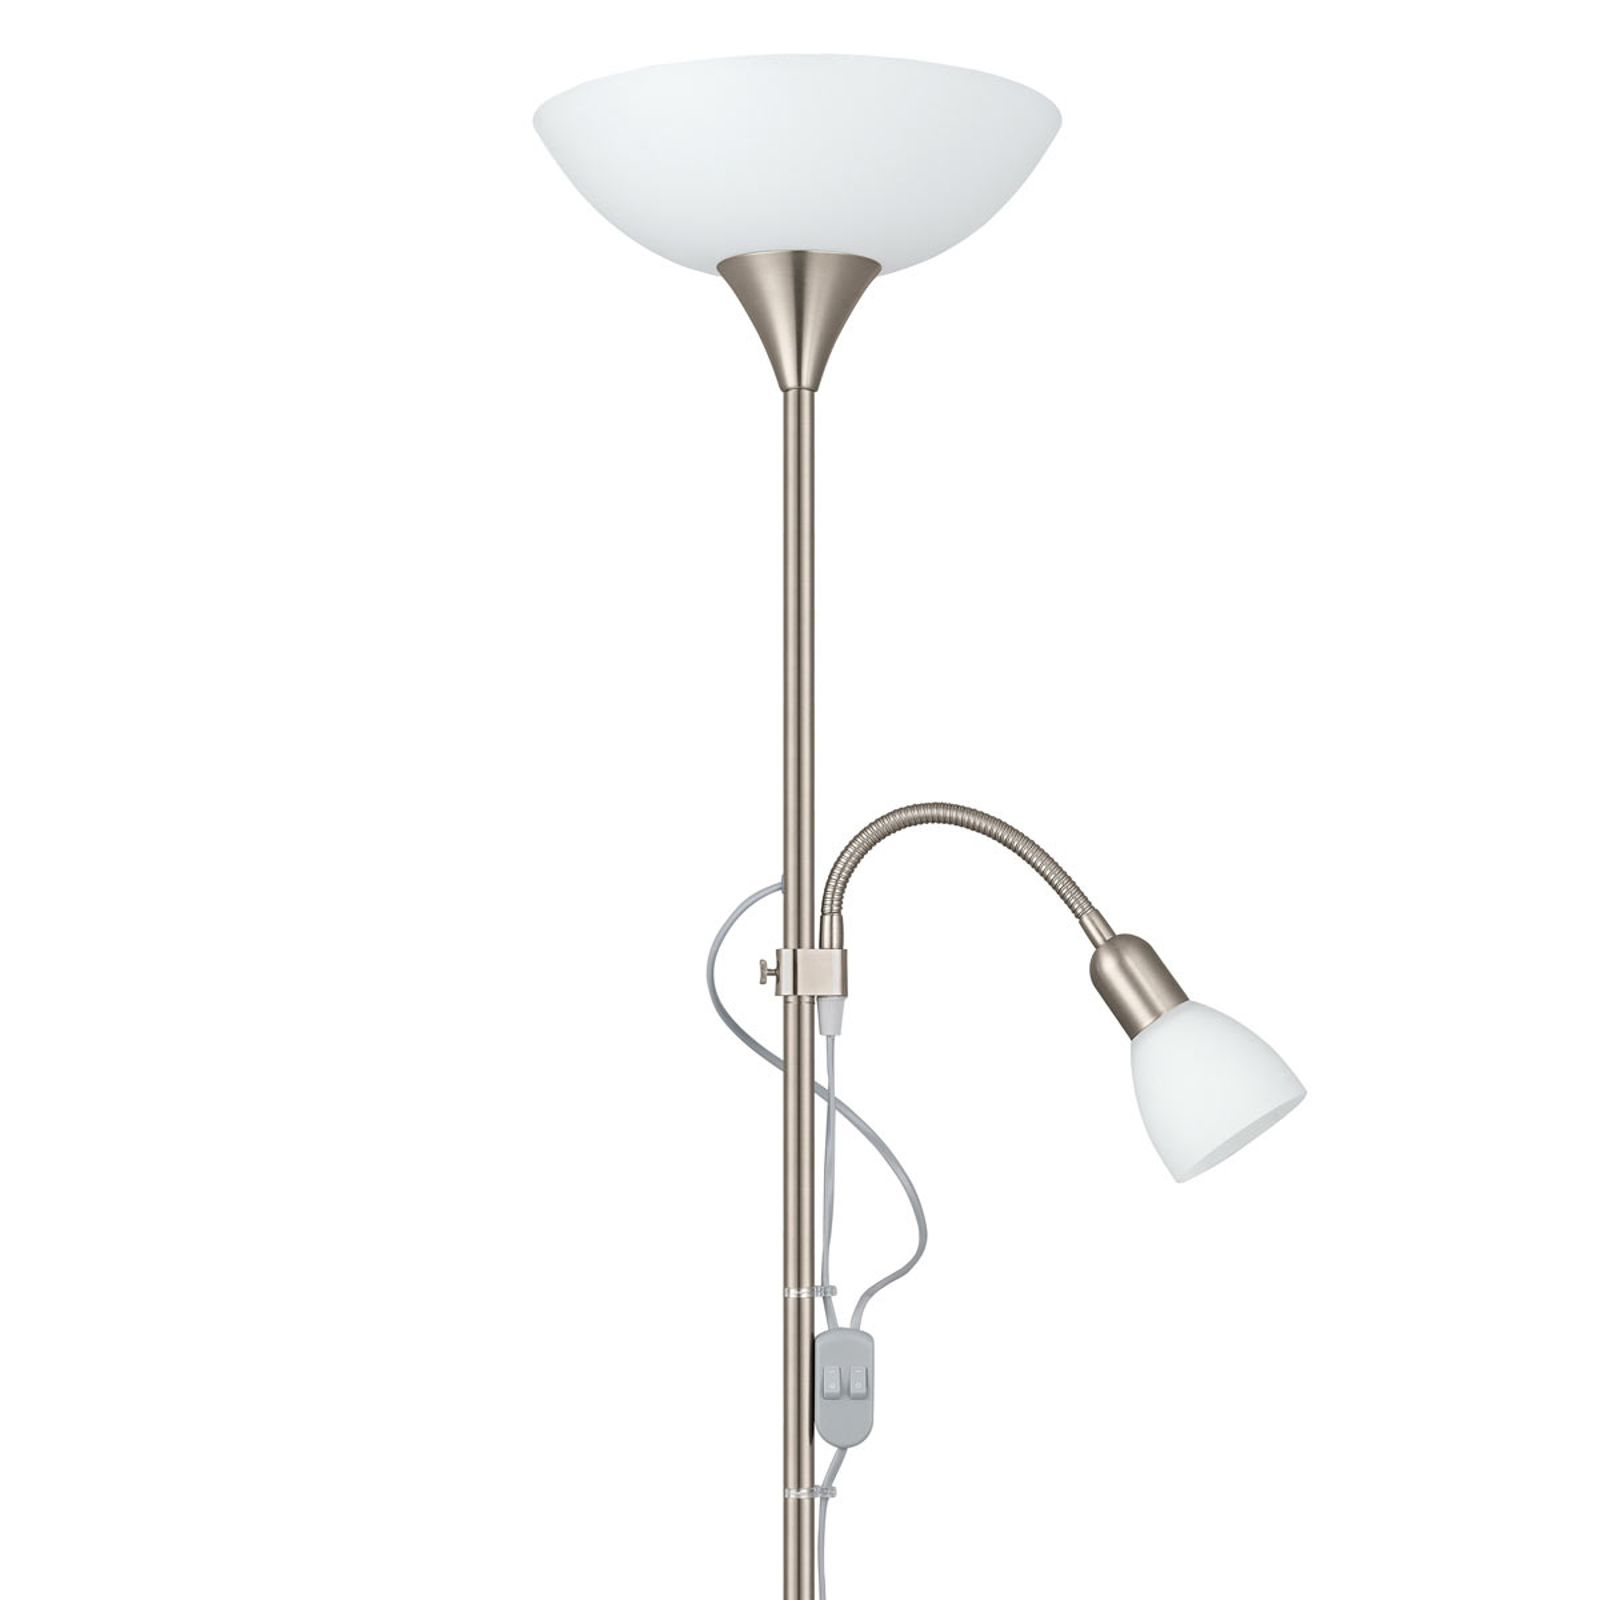 Stacionární stojací lampa UP 2 se světlem na čtení